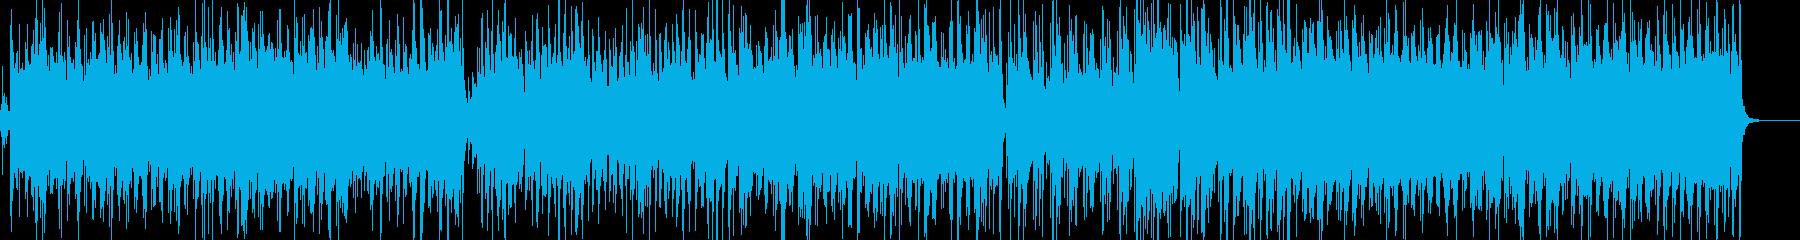 ボサノバ/ピアノ/ナイロンギター/カフェの再生済みの波形